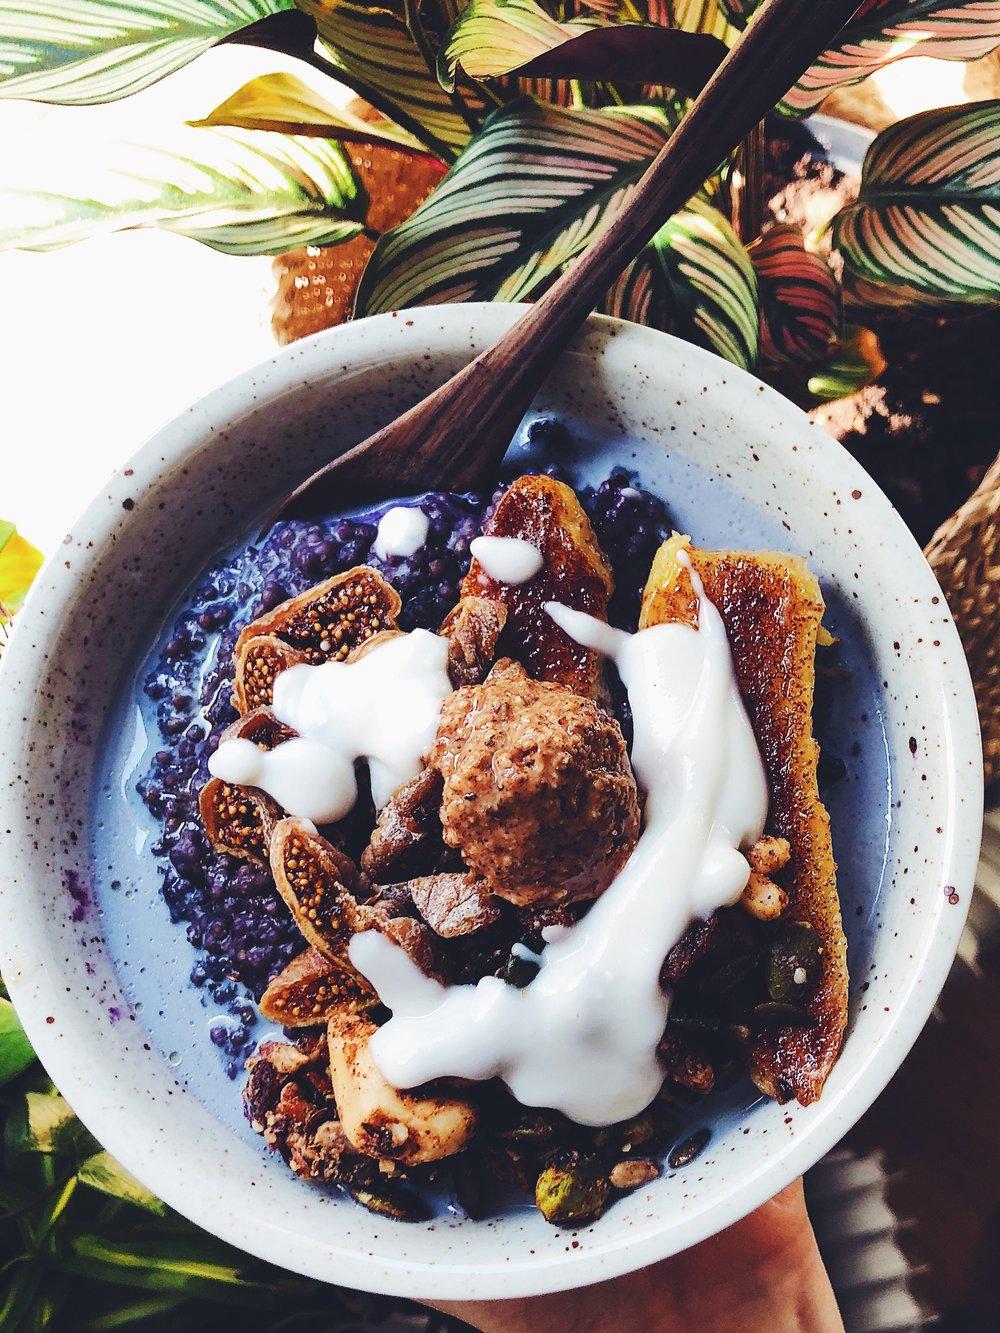 Blueberry & millet porridge